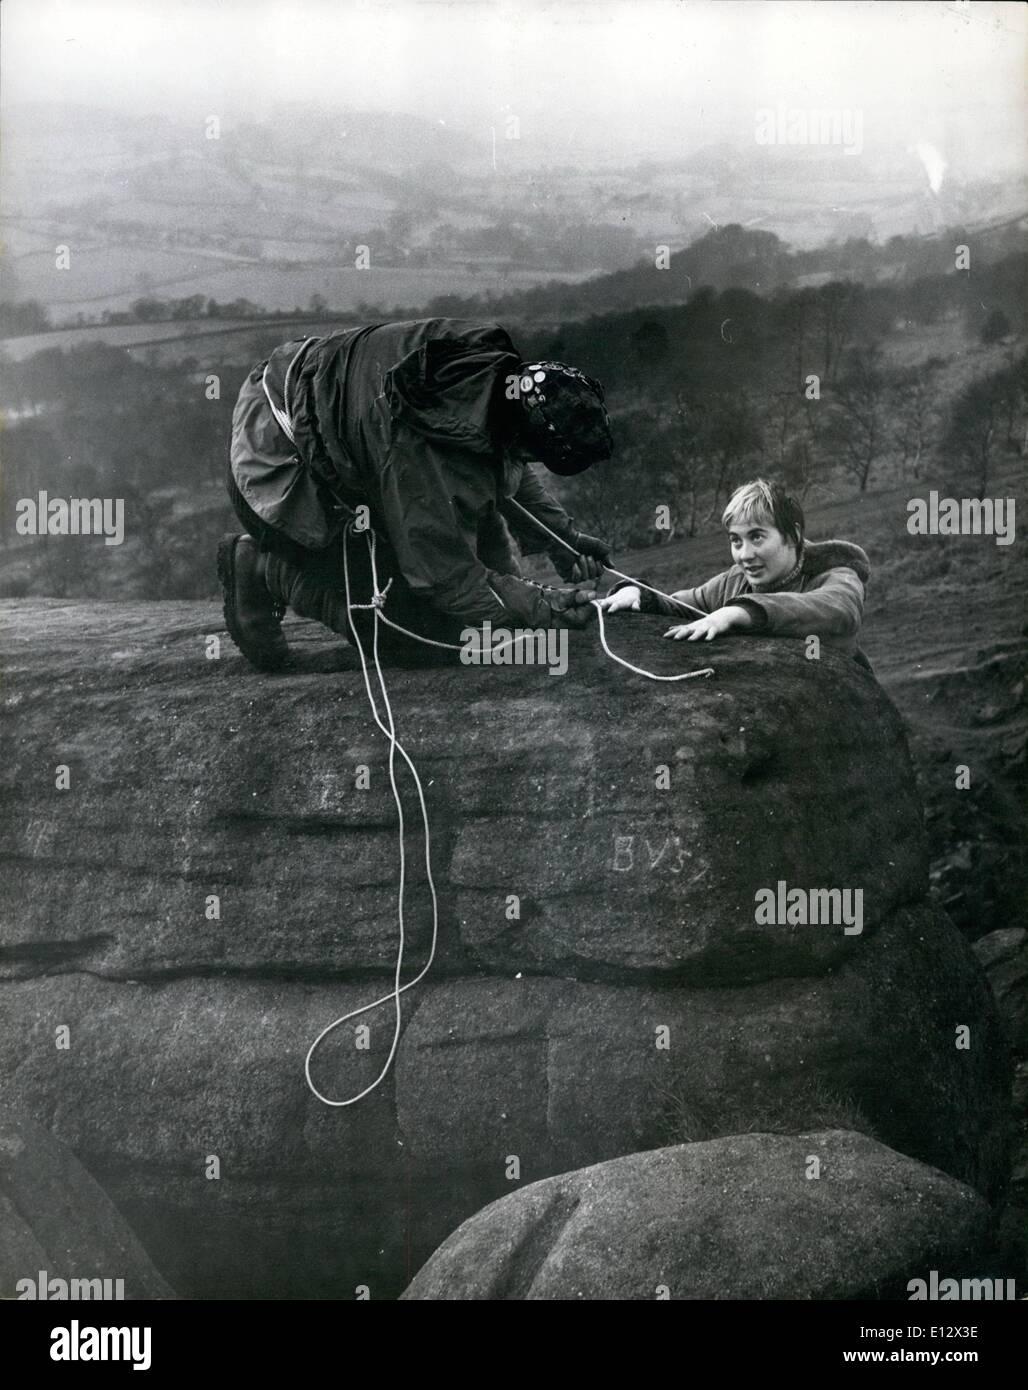 Febbraio 26, 2012 - Sosta tecnica: istruttori Ronald Shuttleworth e Verde Edrie dimostrano una sosta tecnica. Immagini Stock